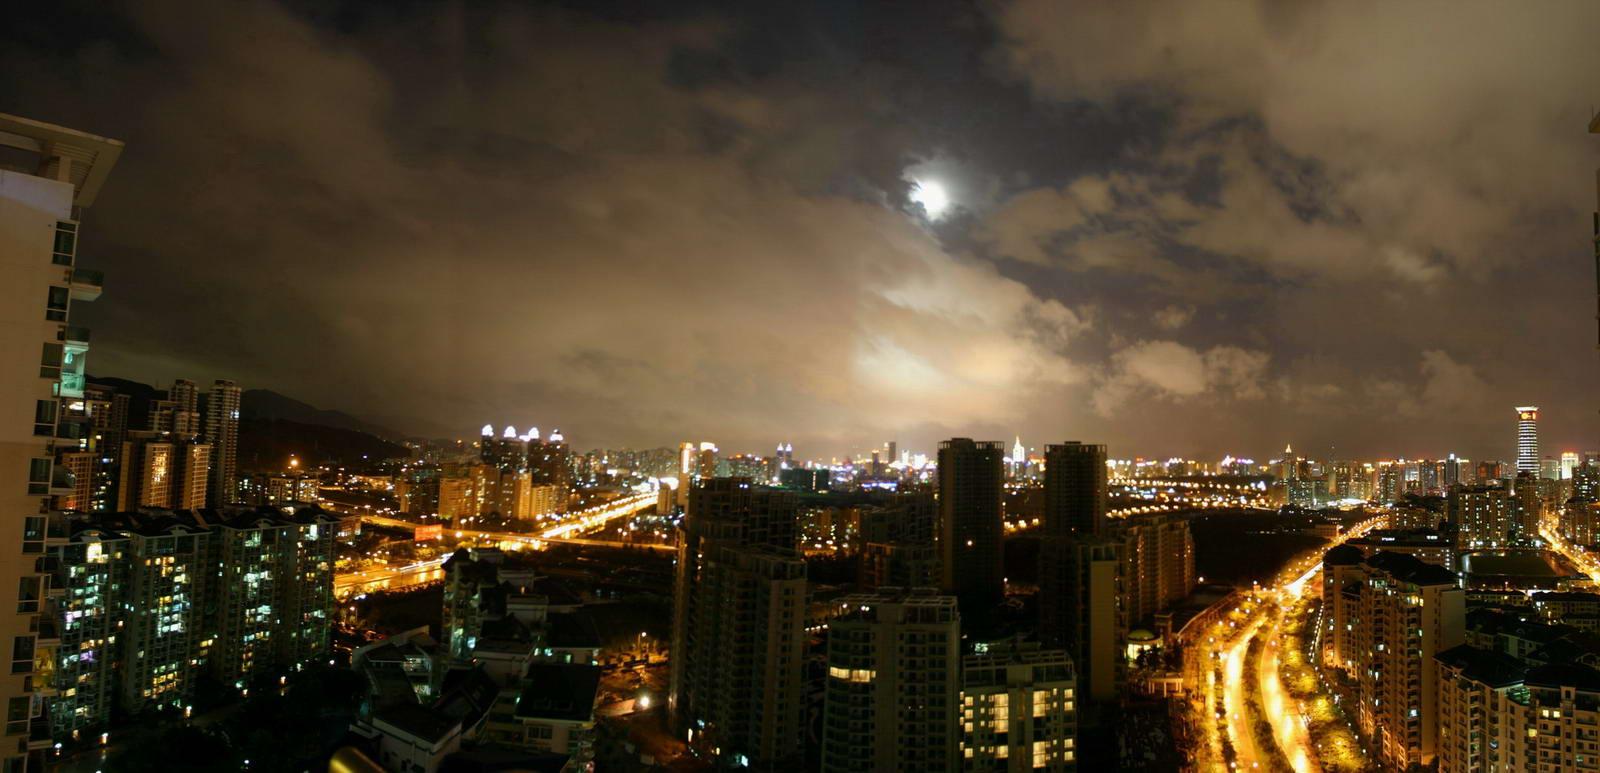 中秋的月亮 就看到几分钟